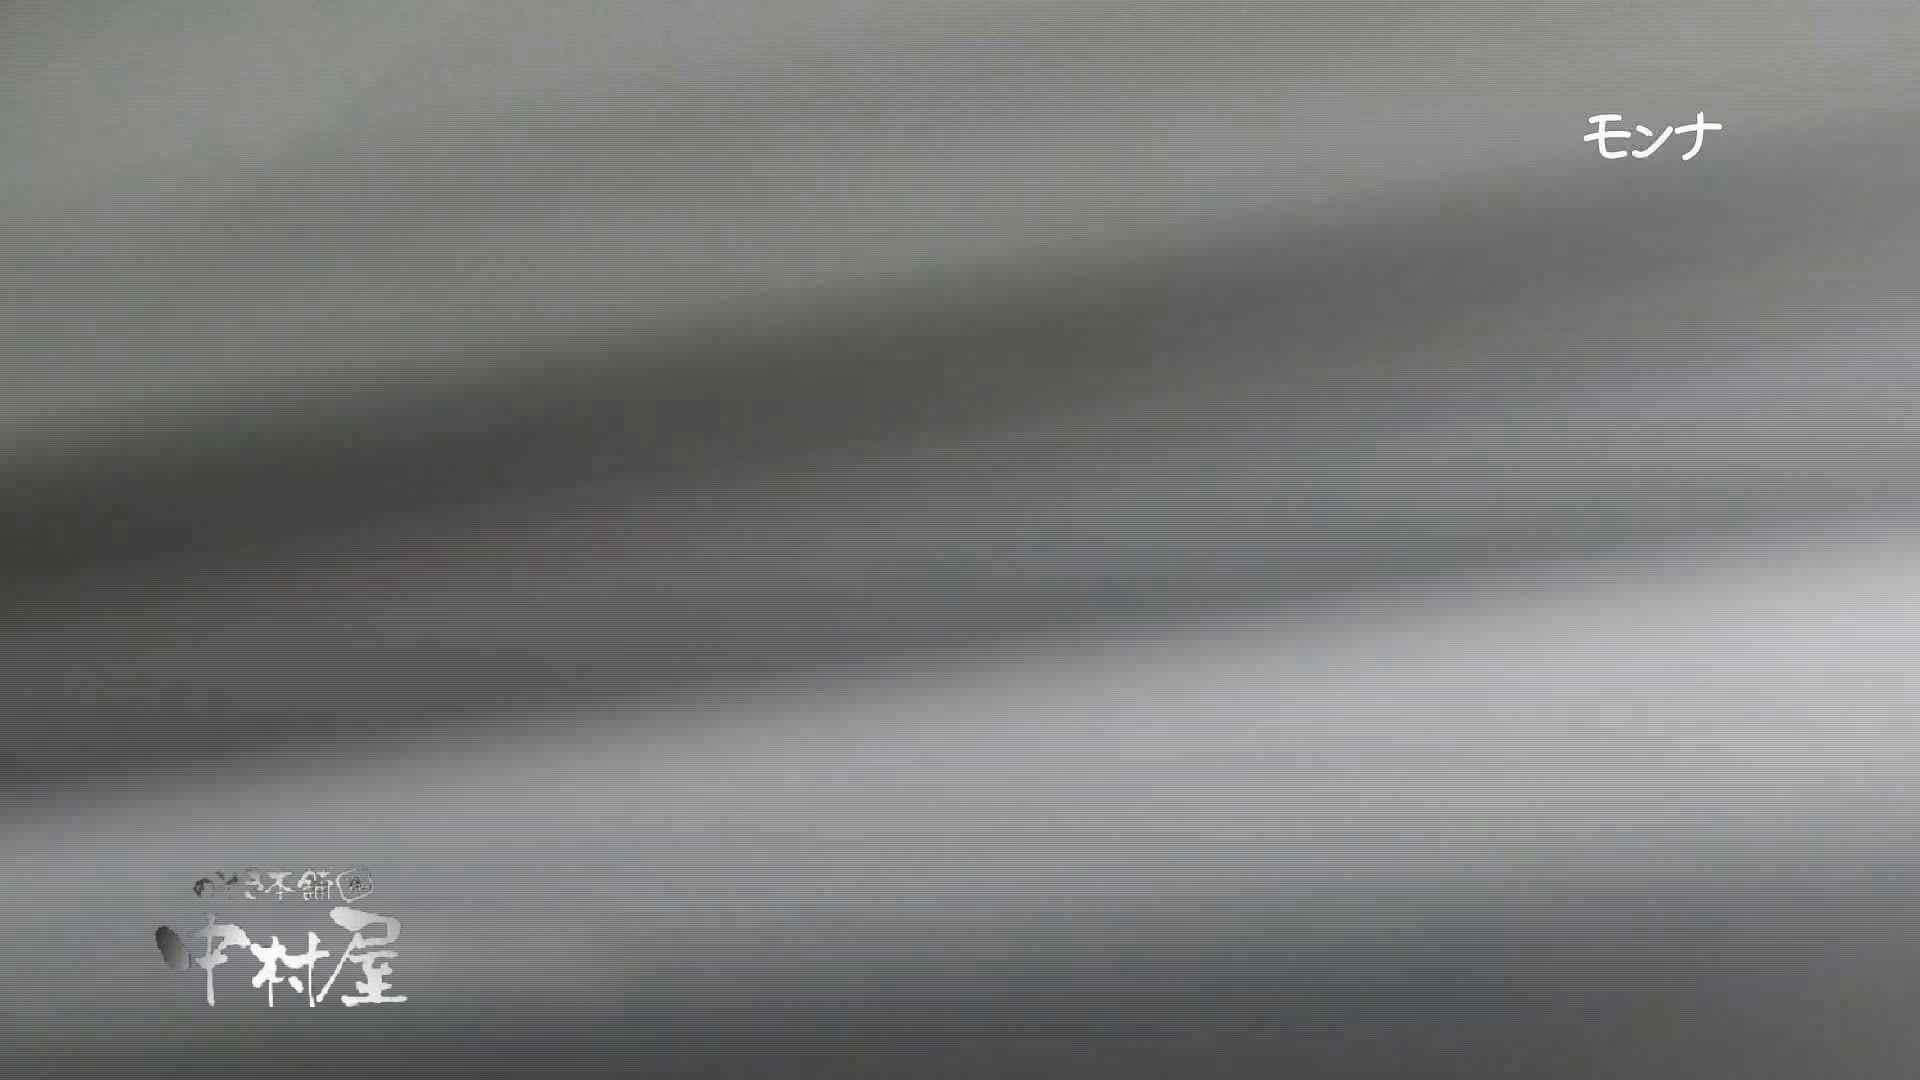 【美しい日本の未来】新学期!!下半身中心に攻めてます美女可愛い女子悪戯盗satuトイレ後編 悪戯 | 下半身  97pic 44